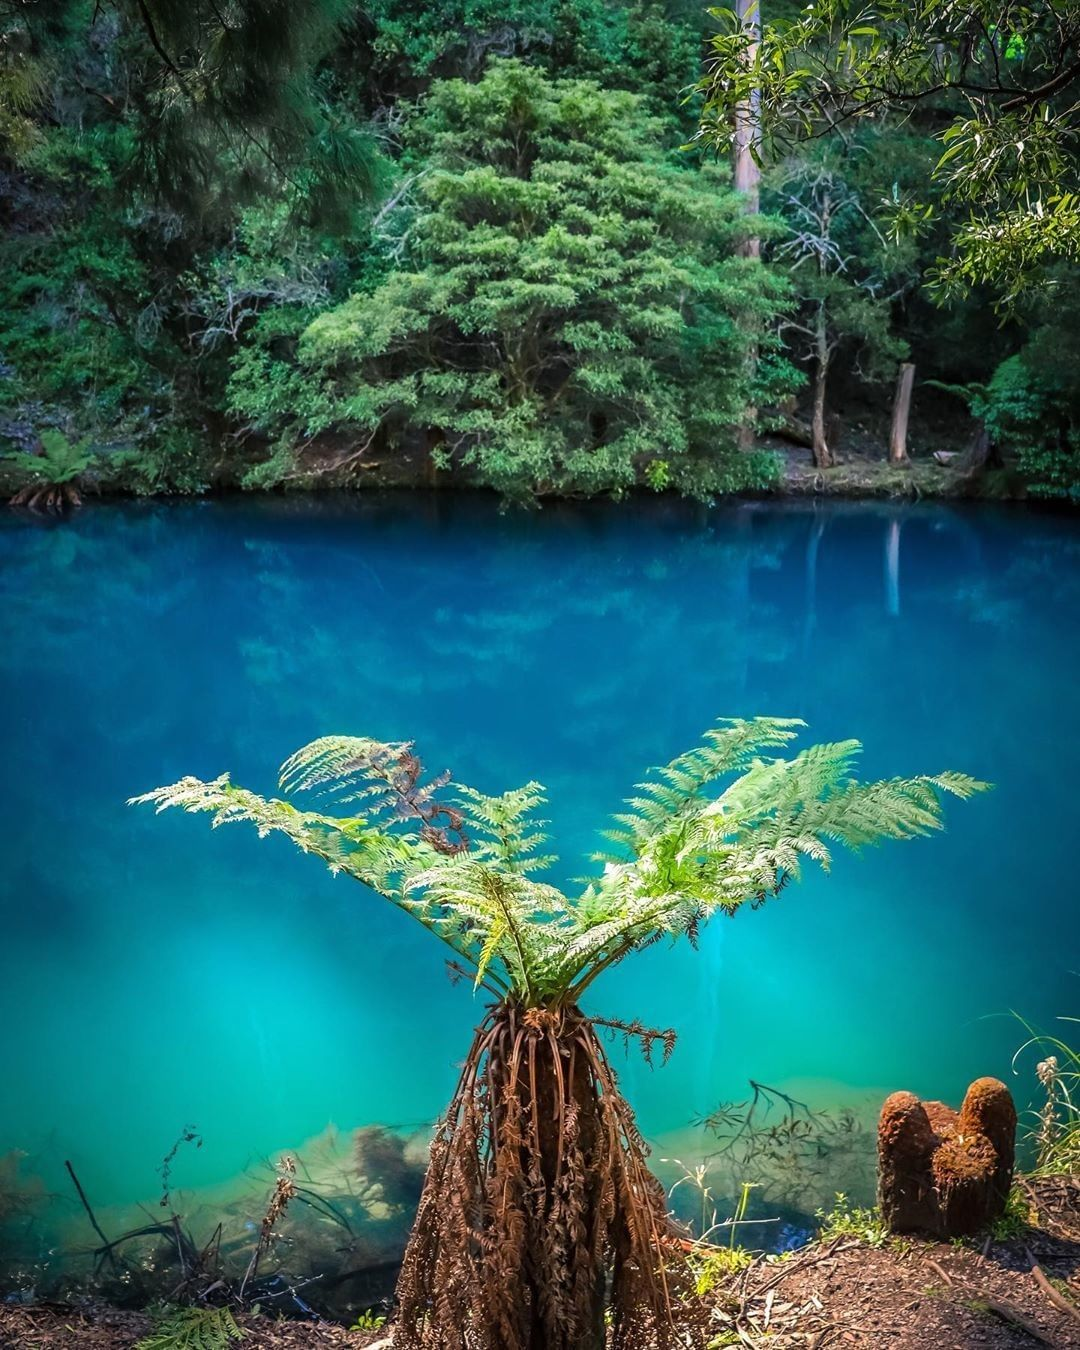 Австралийские пещеры и завораживающая лагуна с бирюзовой водой